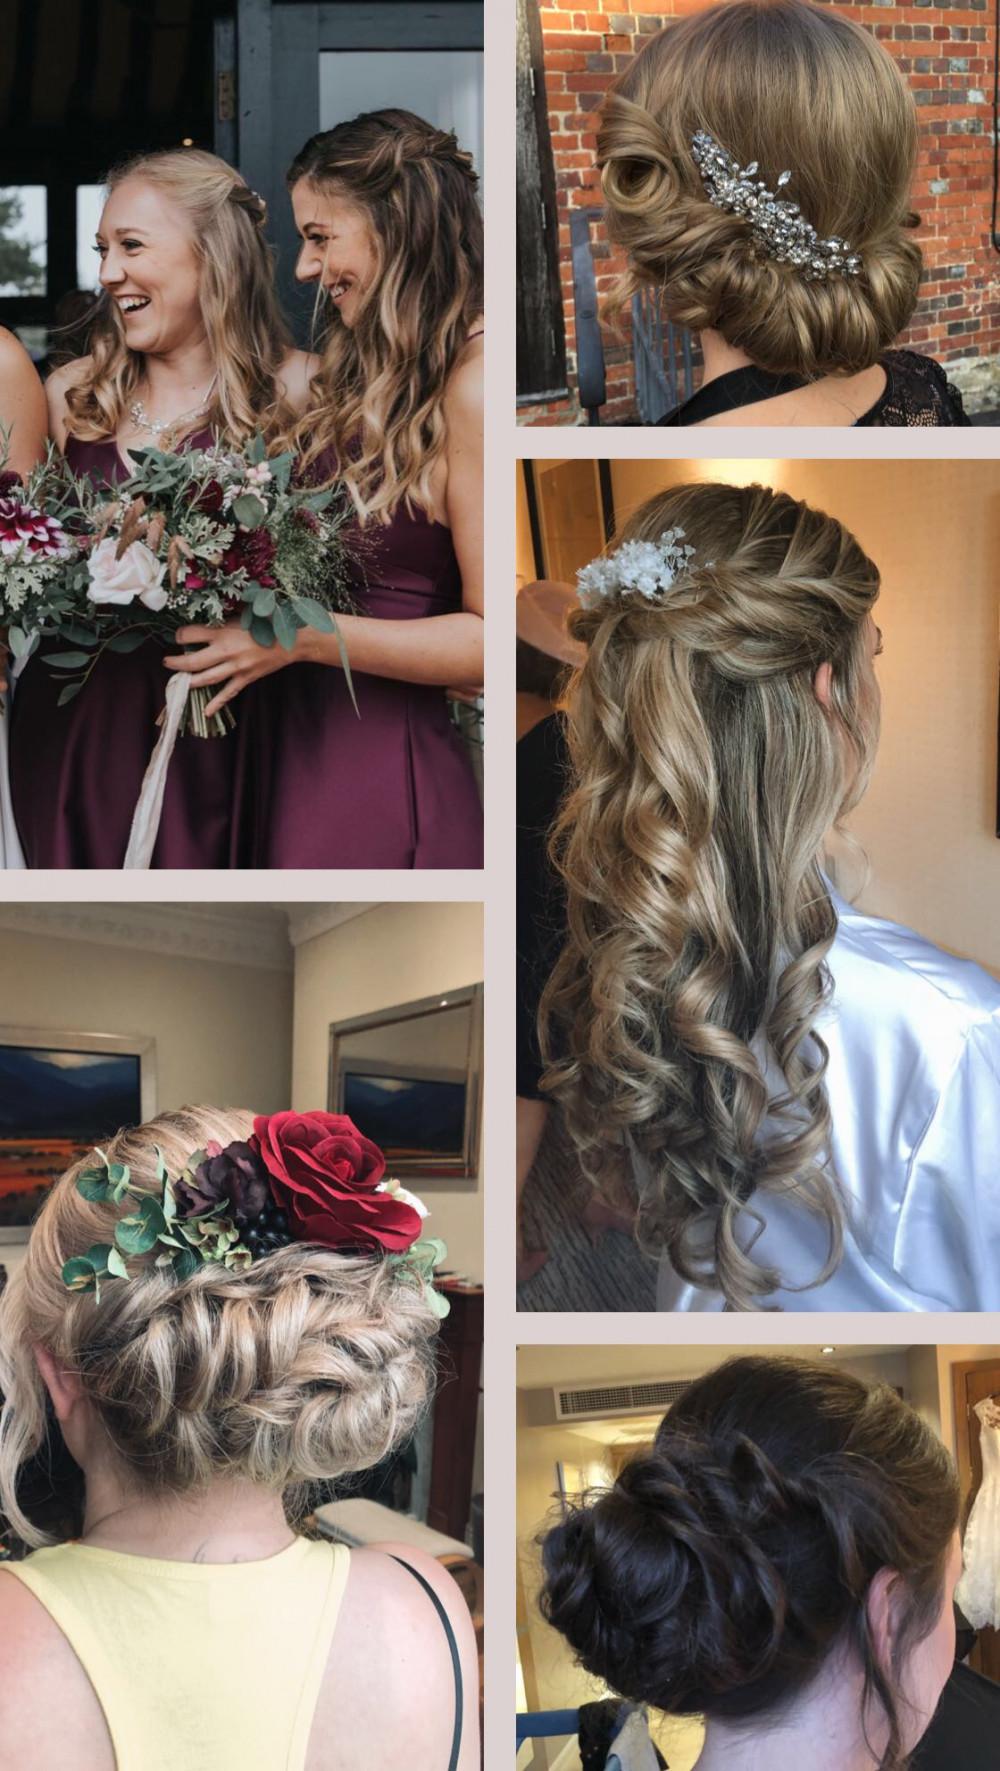 - Make Me Bridal Artist: Hair and Makeup by Jodie Elleanor.